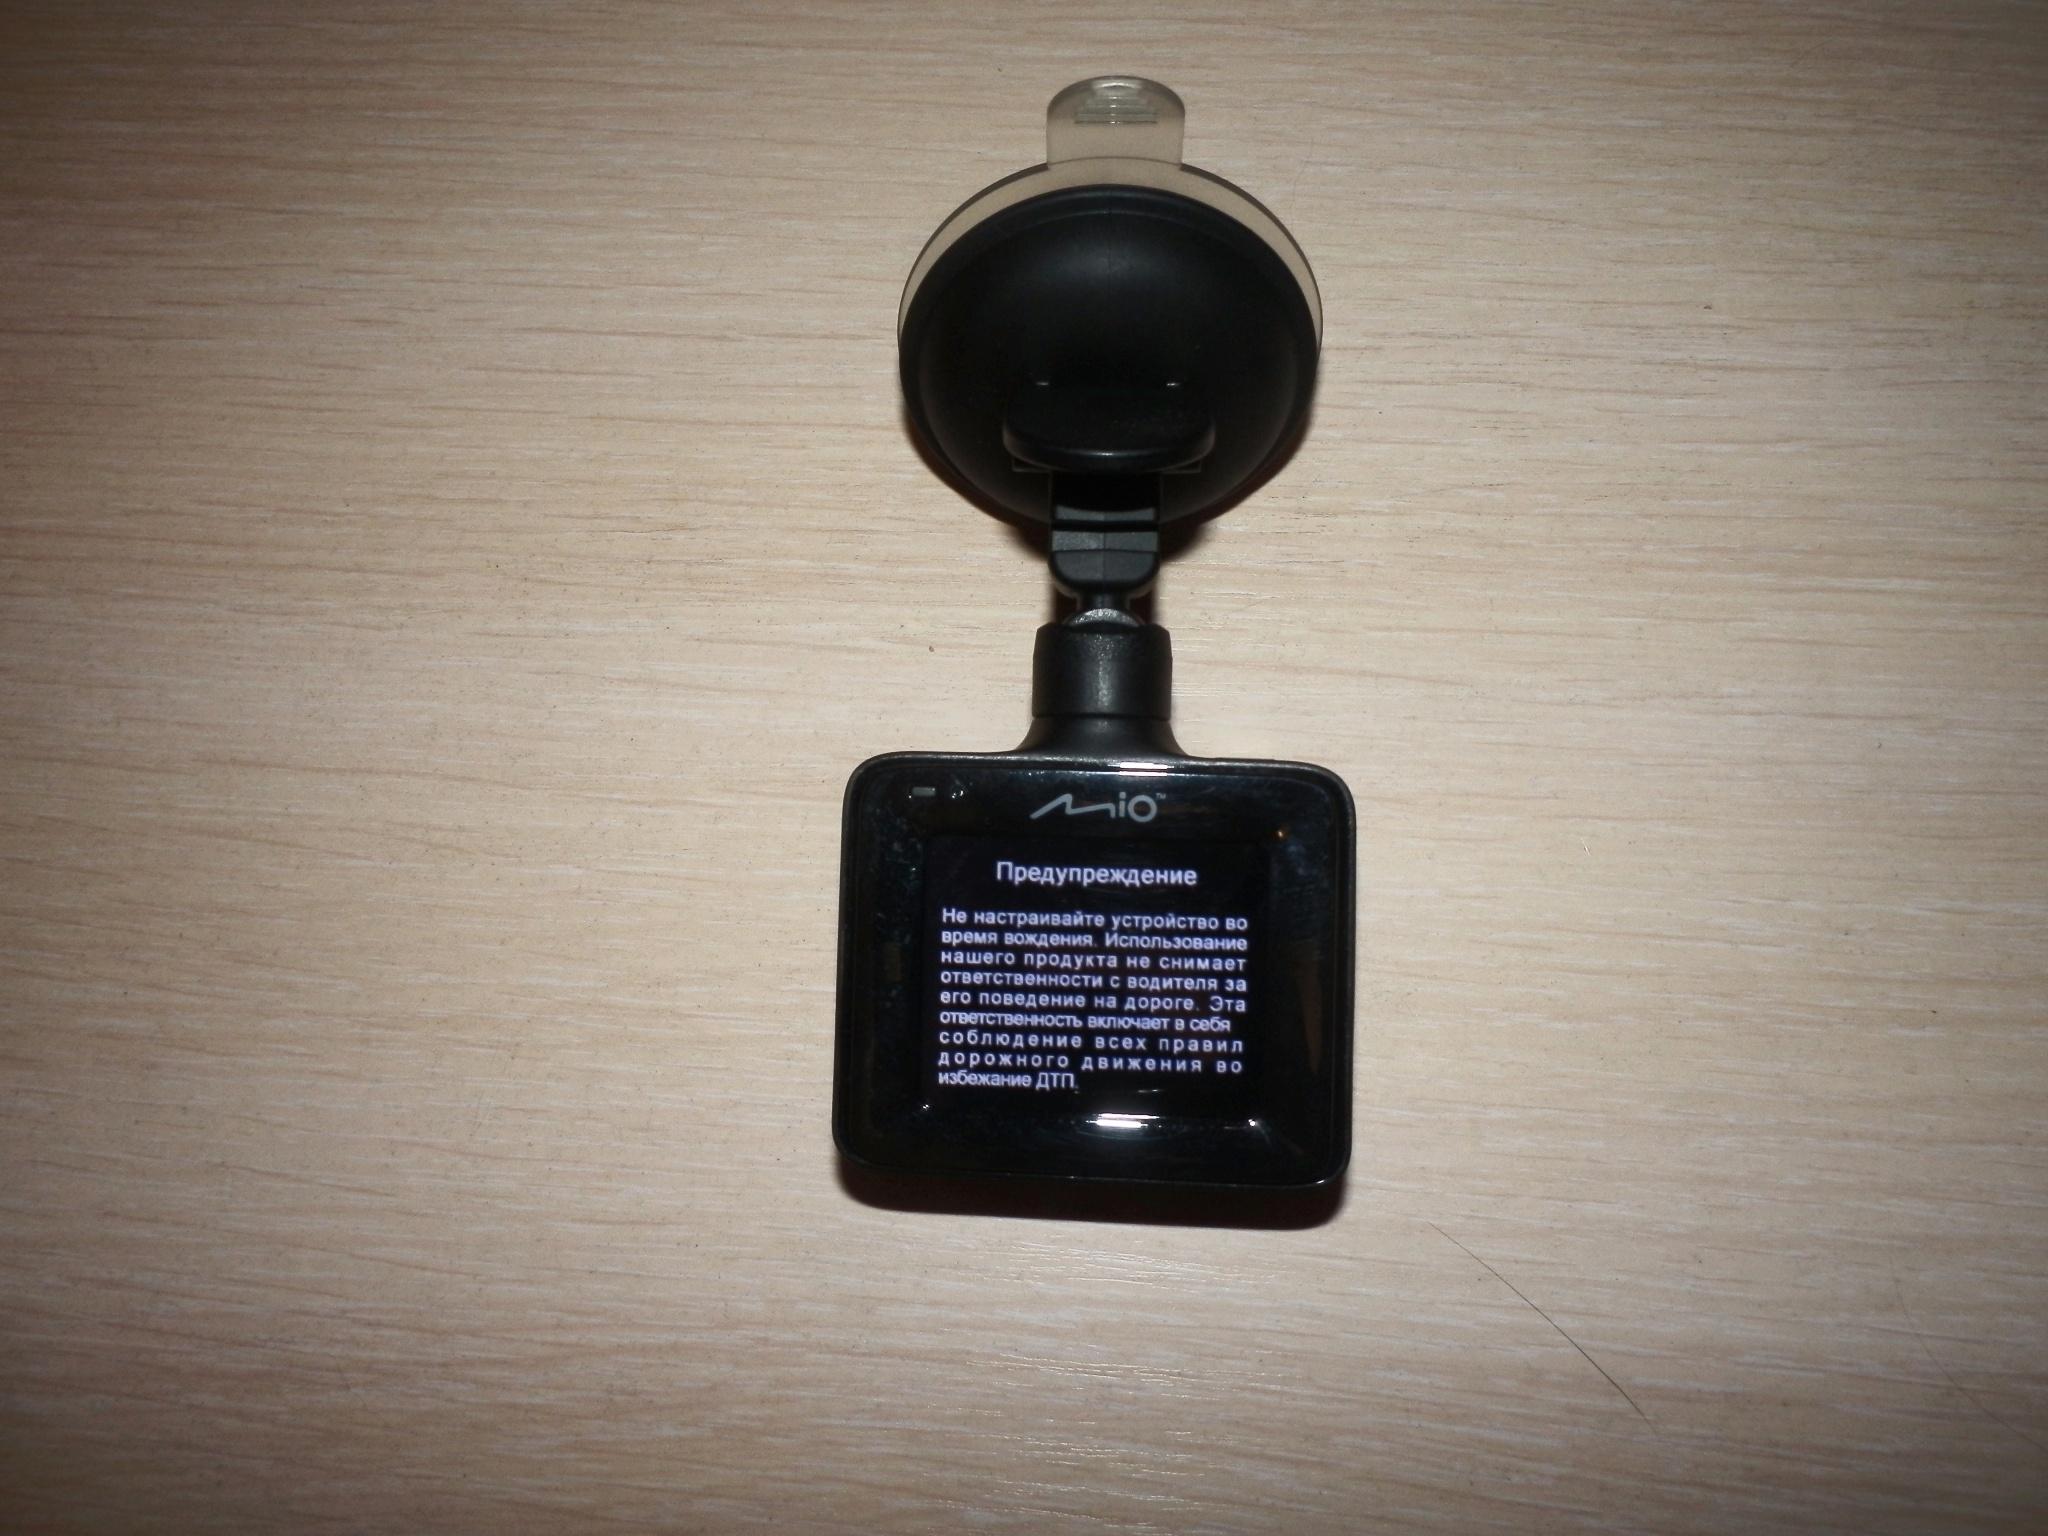 удаленный доступ к видеорегистратору через роутер дир 300